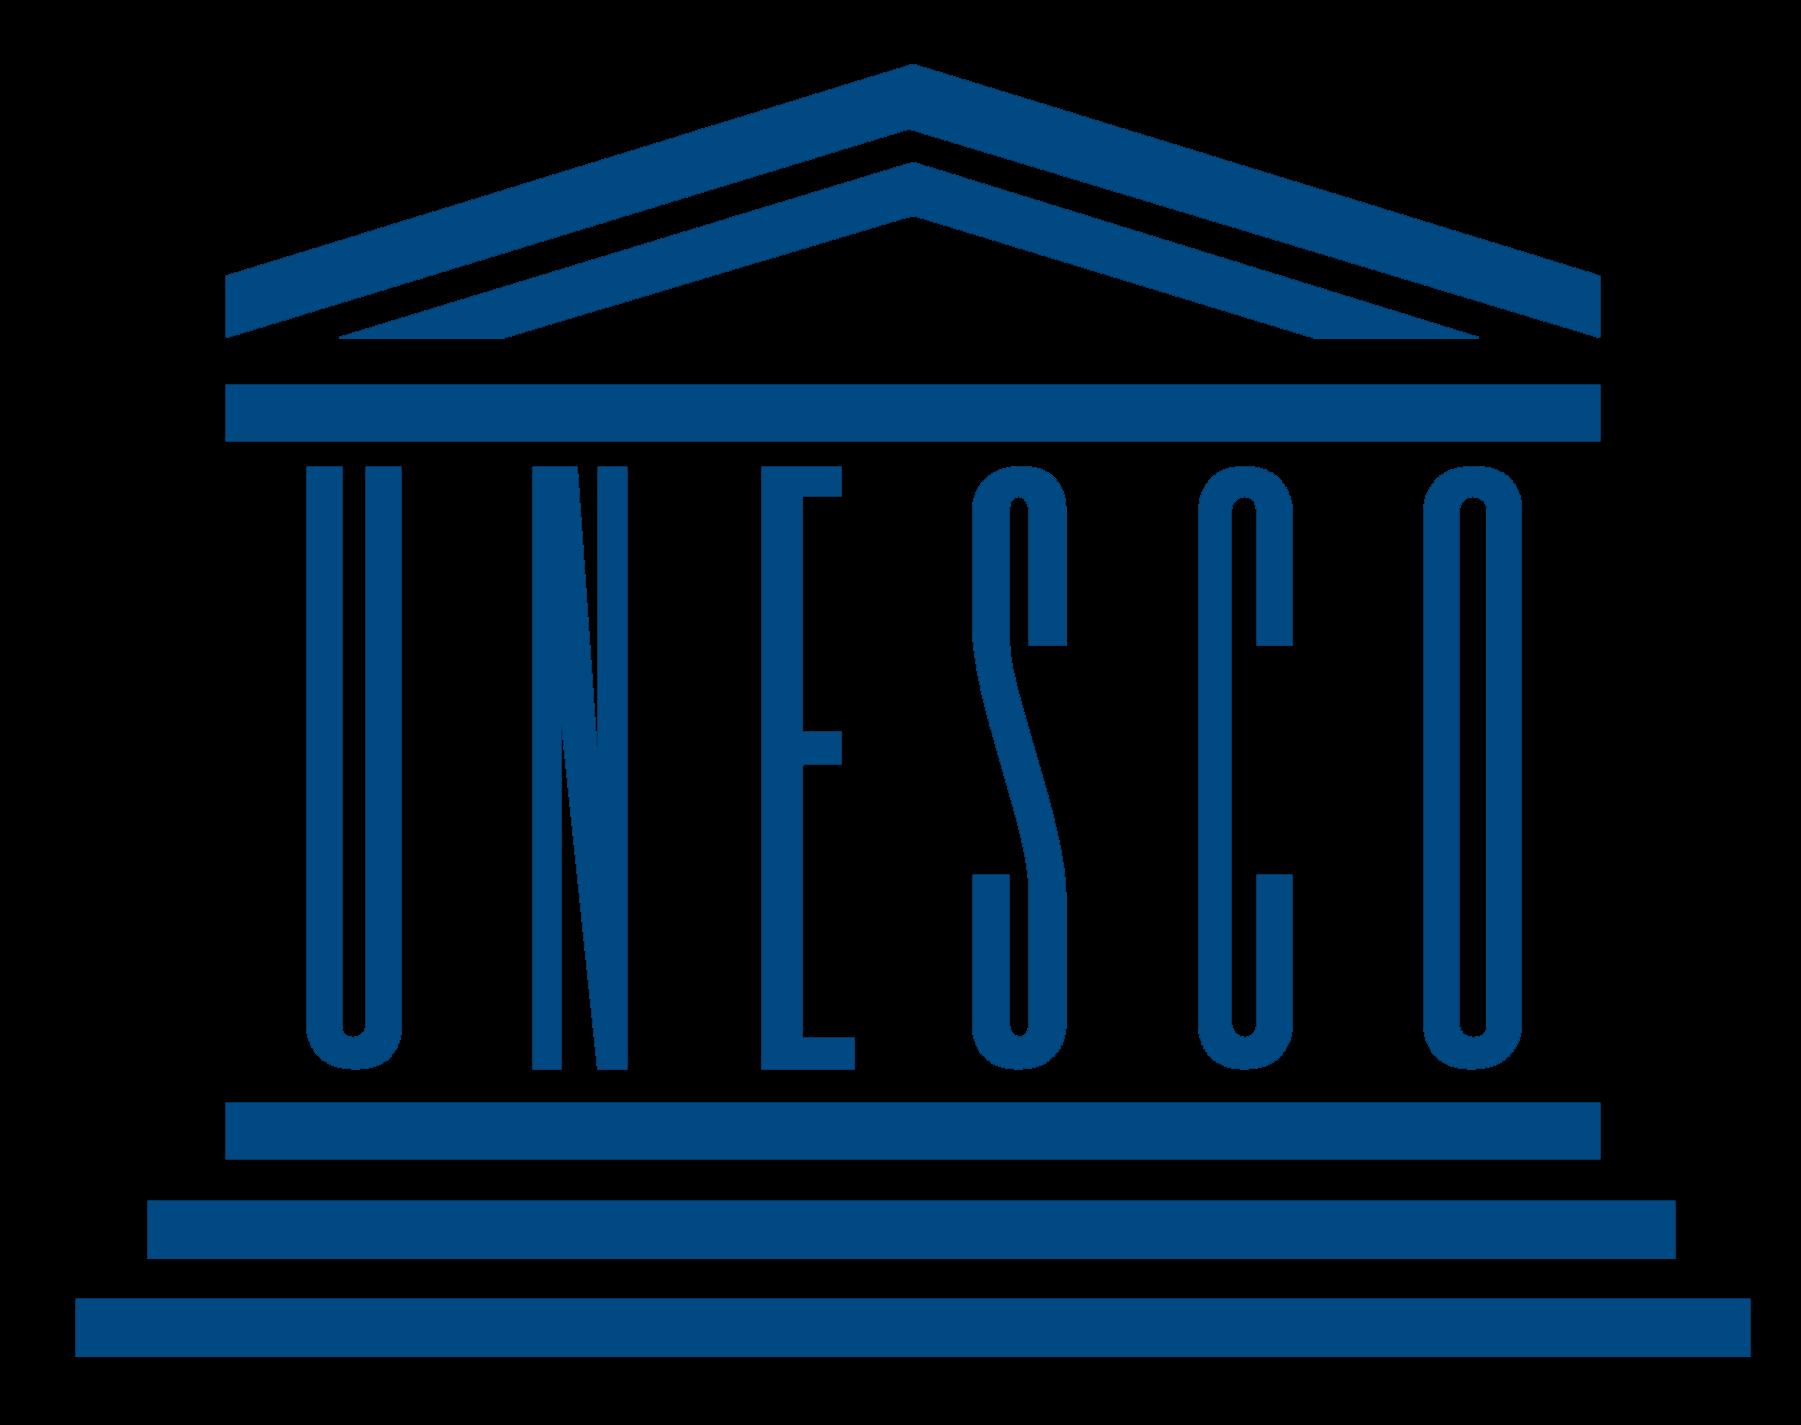 UNESCO_logo_symbol.png